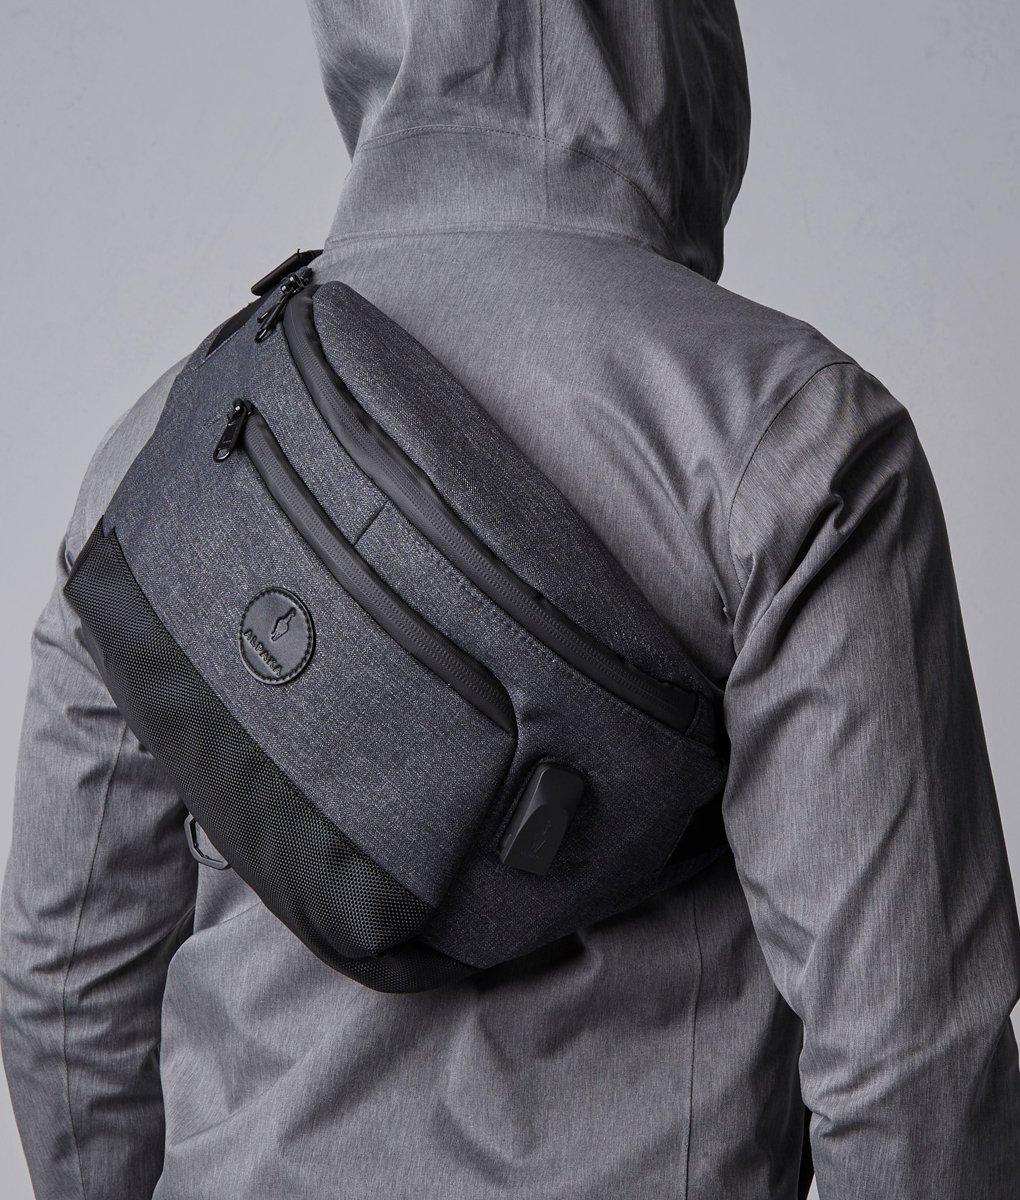 Túi đeo chéo Alpaka BRAVO X SLING